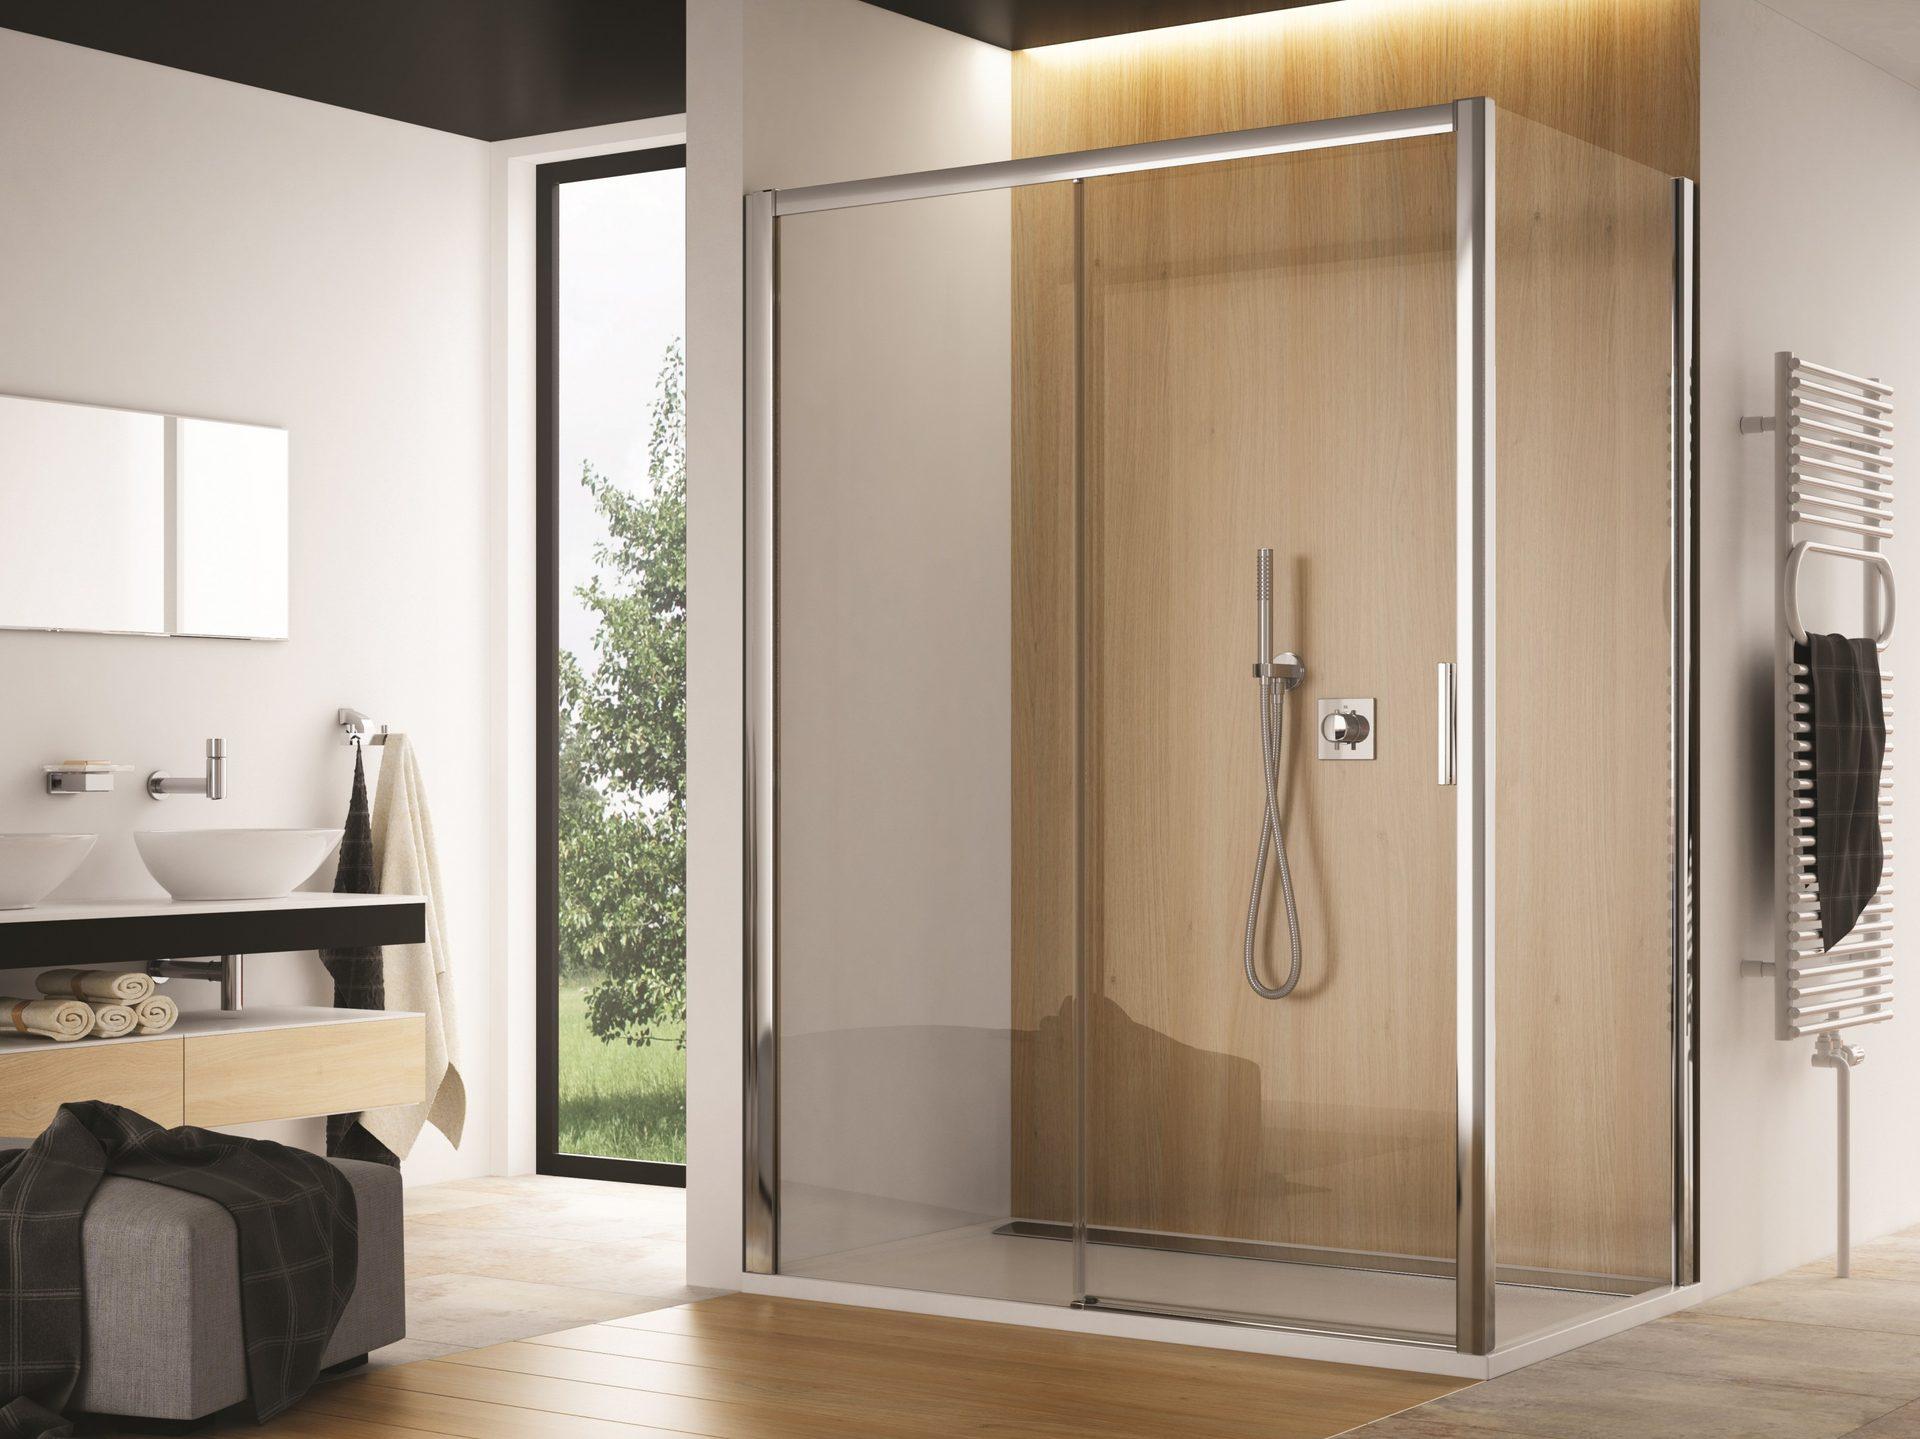 Dusche Schiebetür 2-teilig Mit Seitenwand 200 Cm Hoch